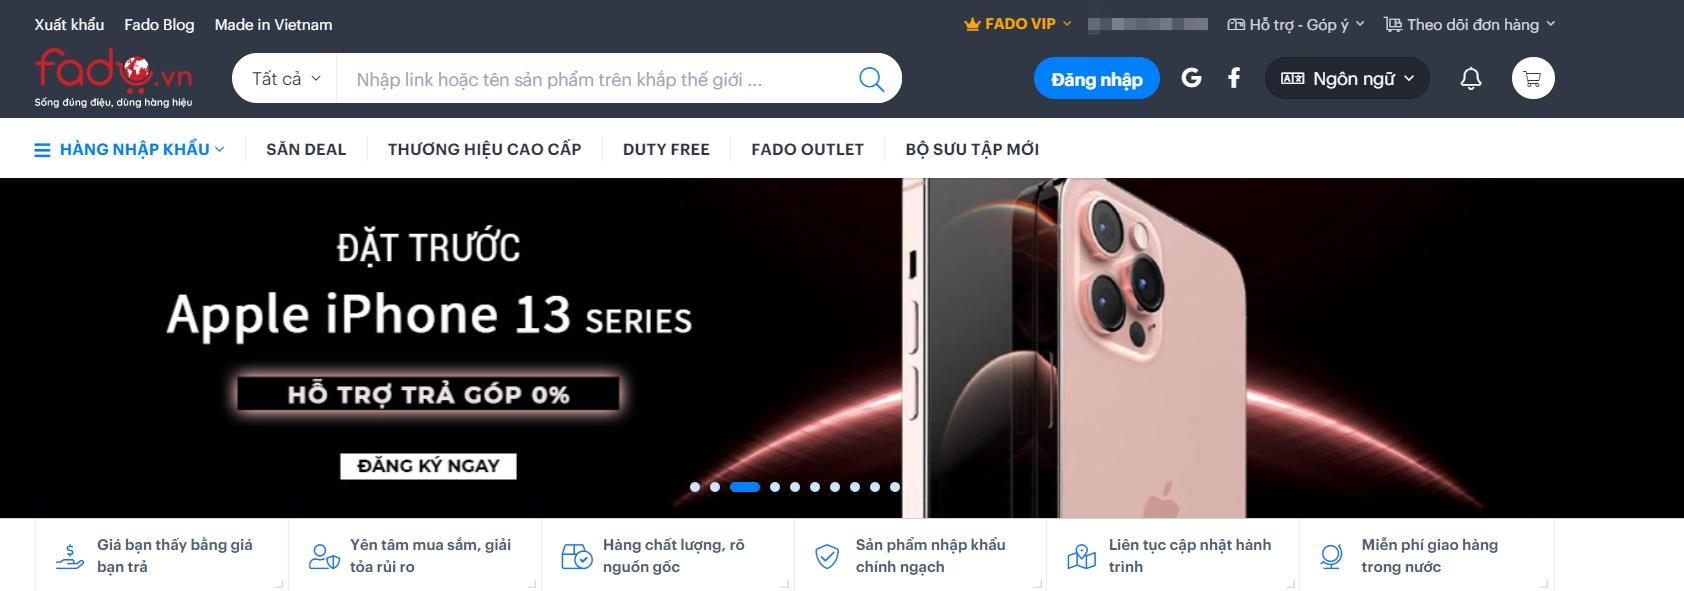 iPhone 13 chưa ra mắt, khách Việt Nam đã săn mua, có cửa hàng chào khách đặt cọc tiền - Ảnh 3.